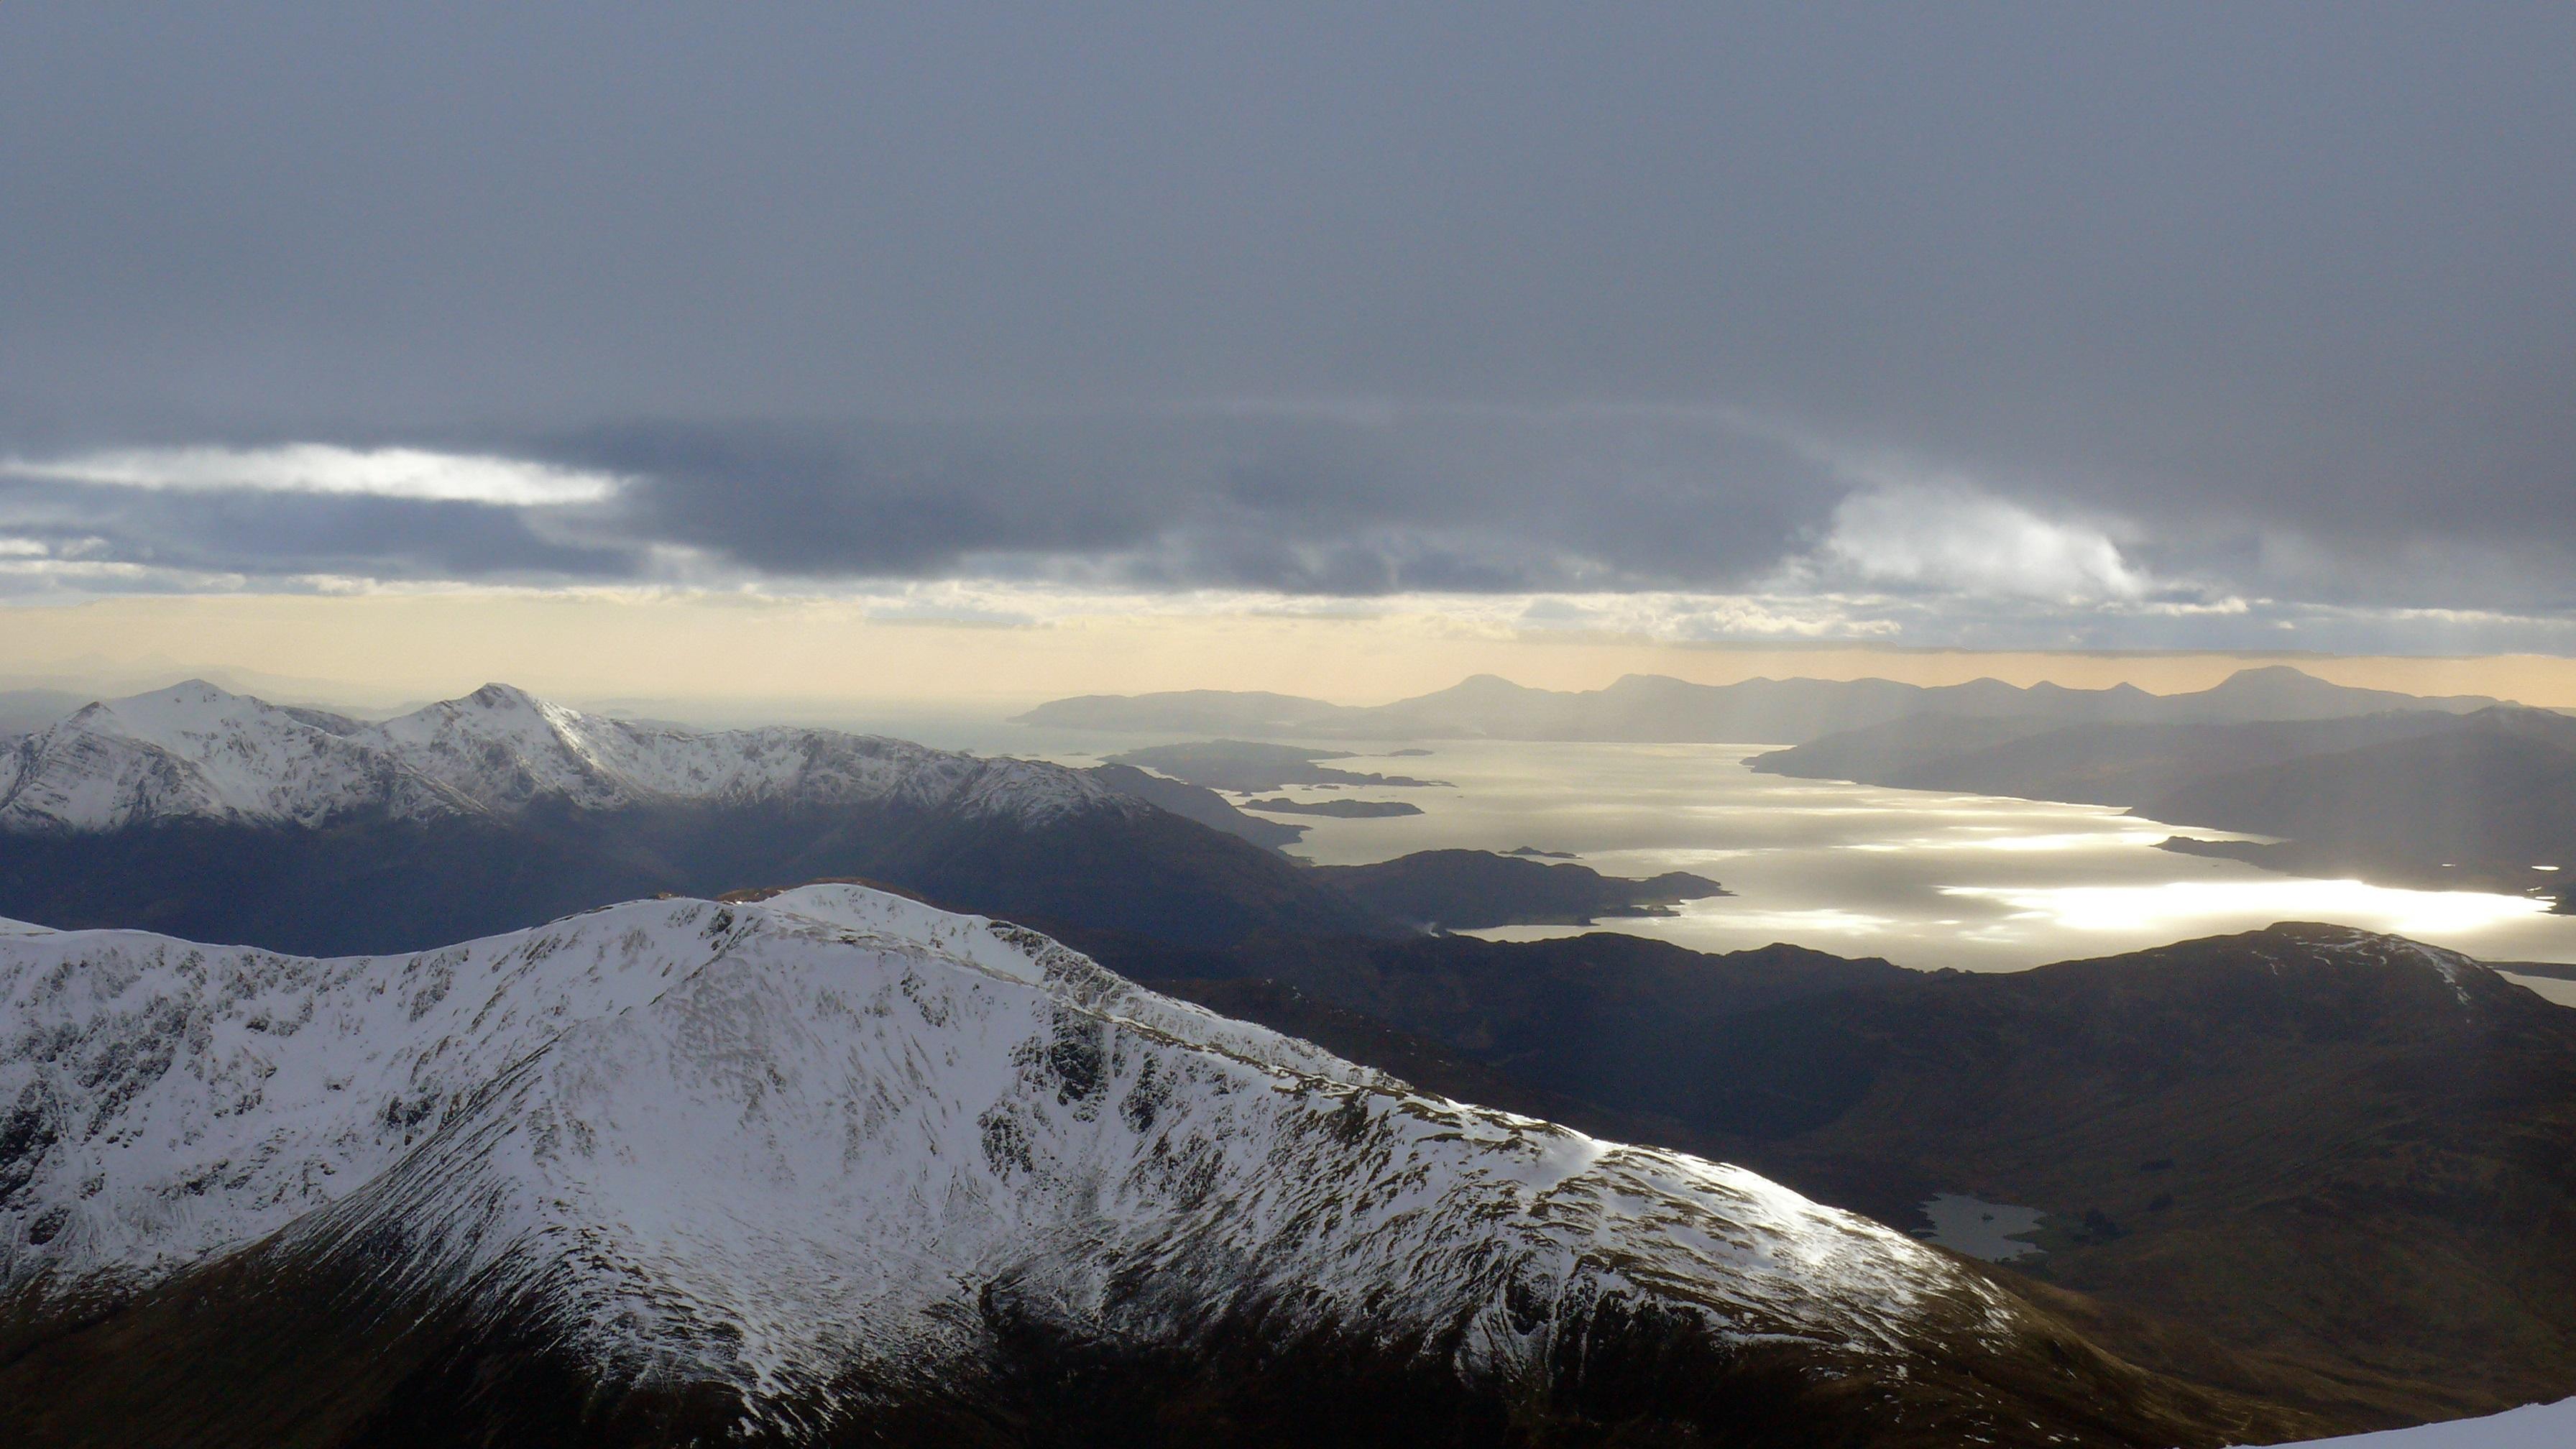 Prognoza meteo nu suna grozav pentru cei care vor sa aleaga zona montana pentru minivacanta de 1 mai. Vremea de Paste 2016 la munte nu se anunta foarte buna